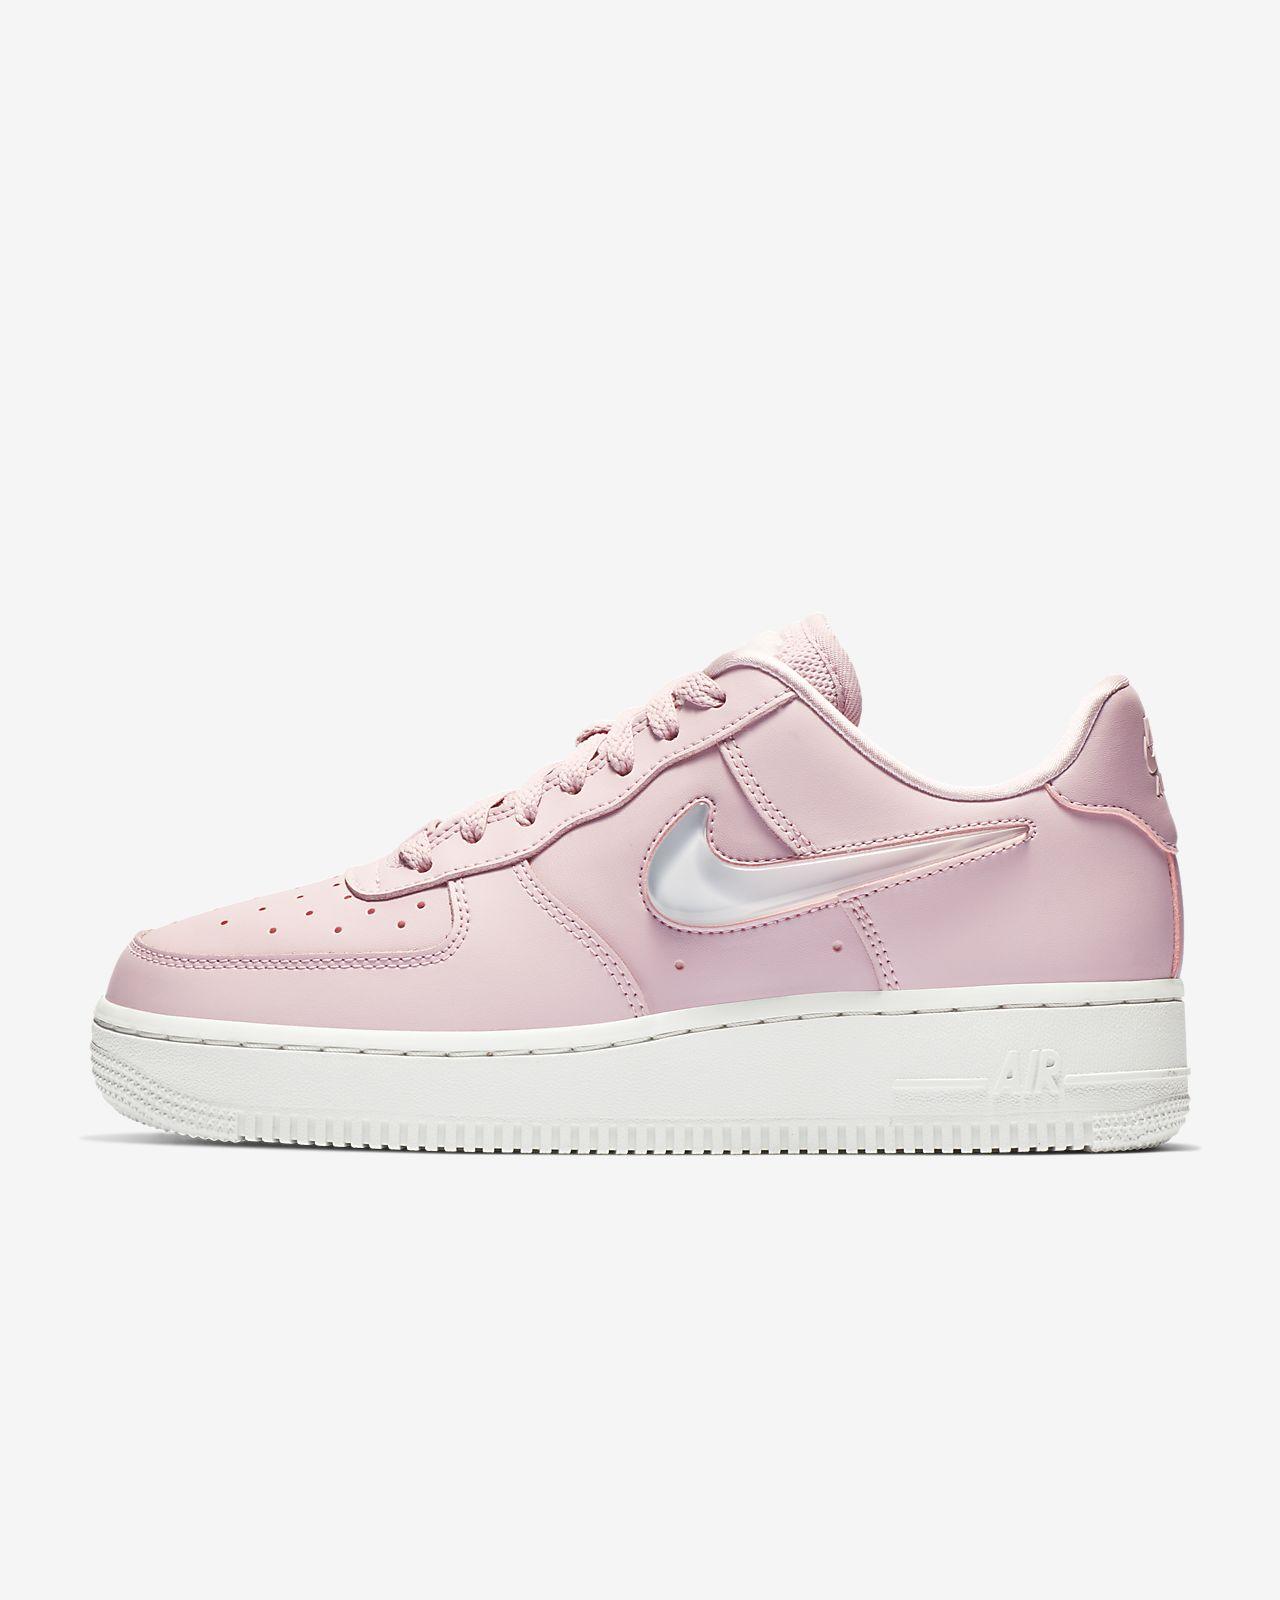 Nike Air Force 1 '07 SE Premium női cipő